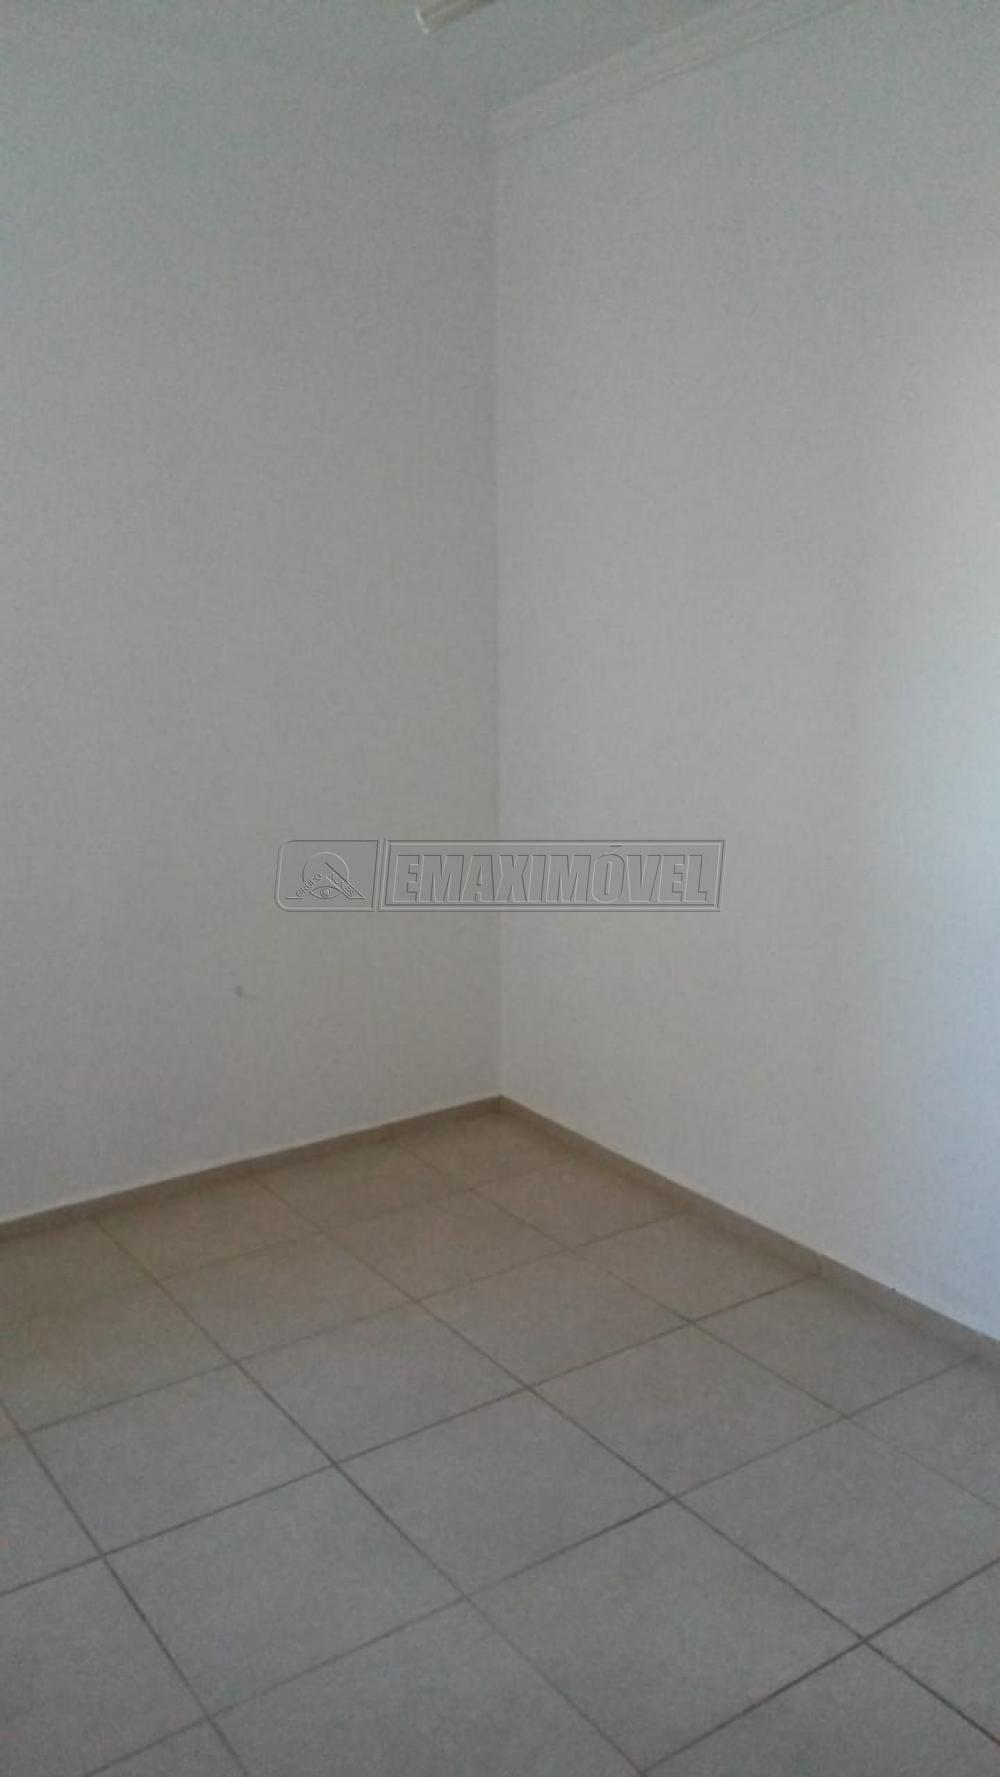 Comprar Apartamentos / Apto Padrão em Sorocaba apenas R$ 320.000,00 - Foto 7